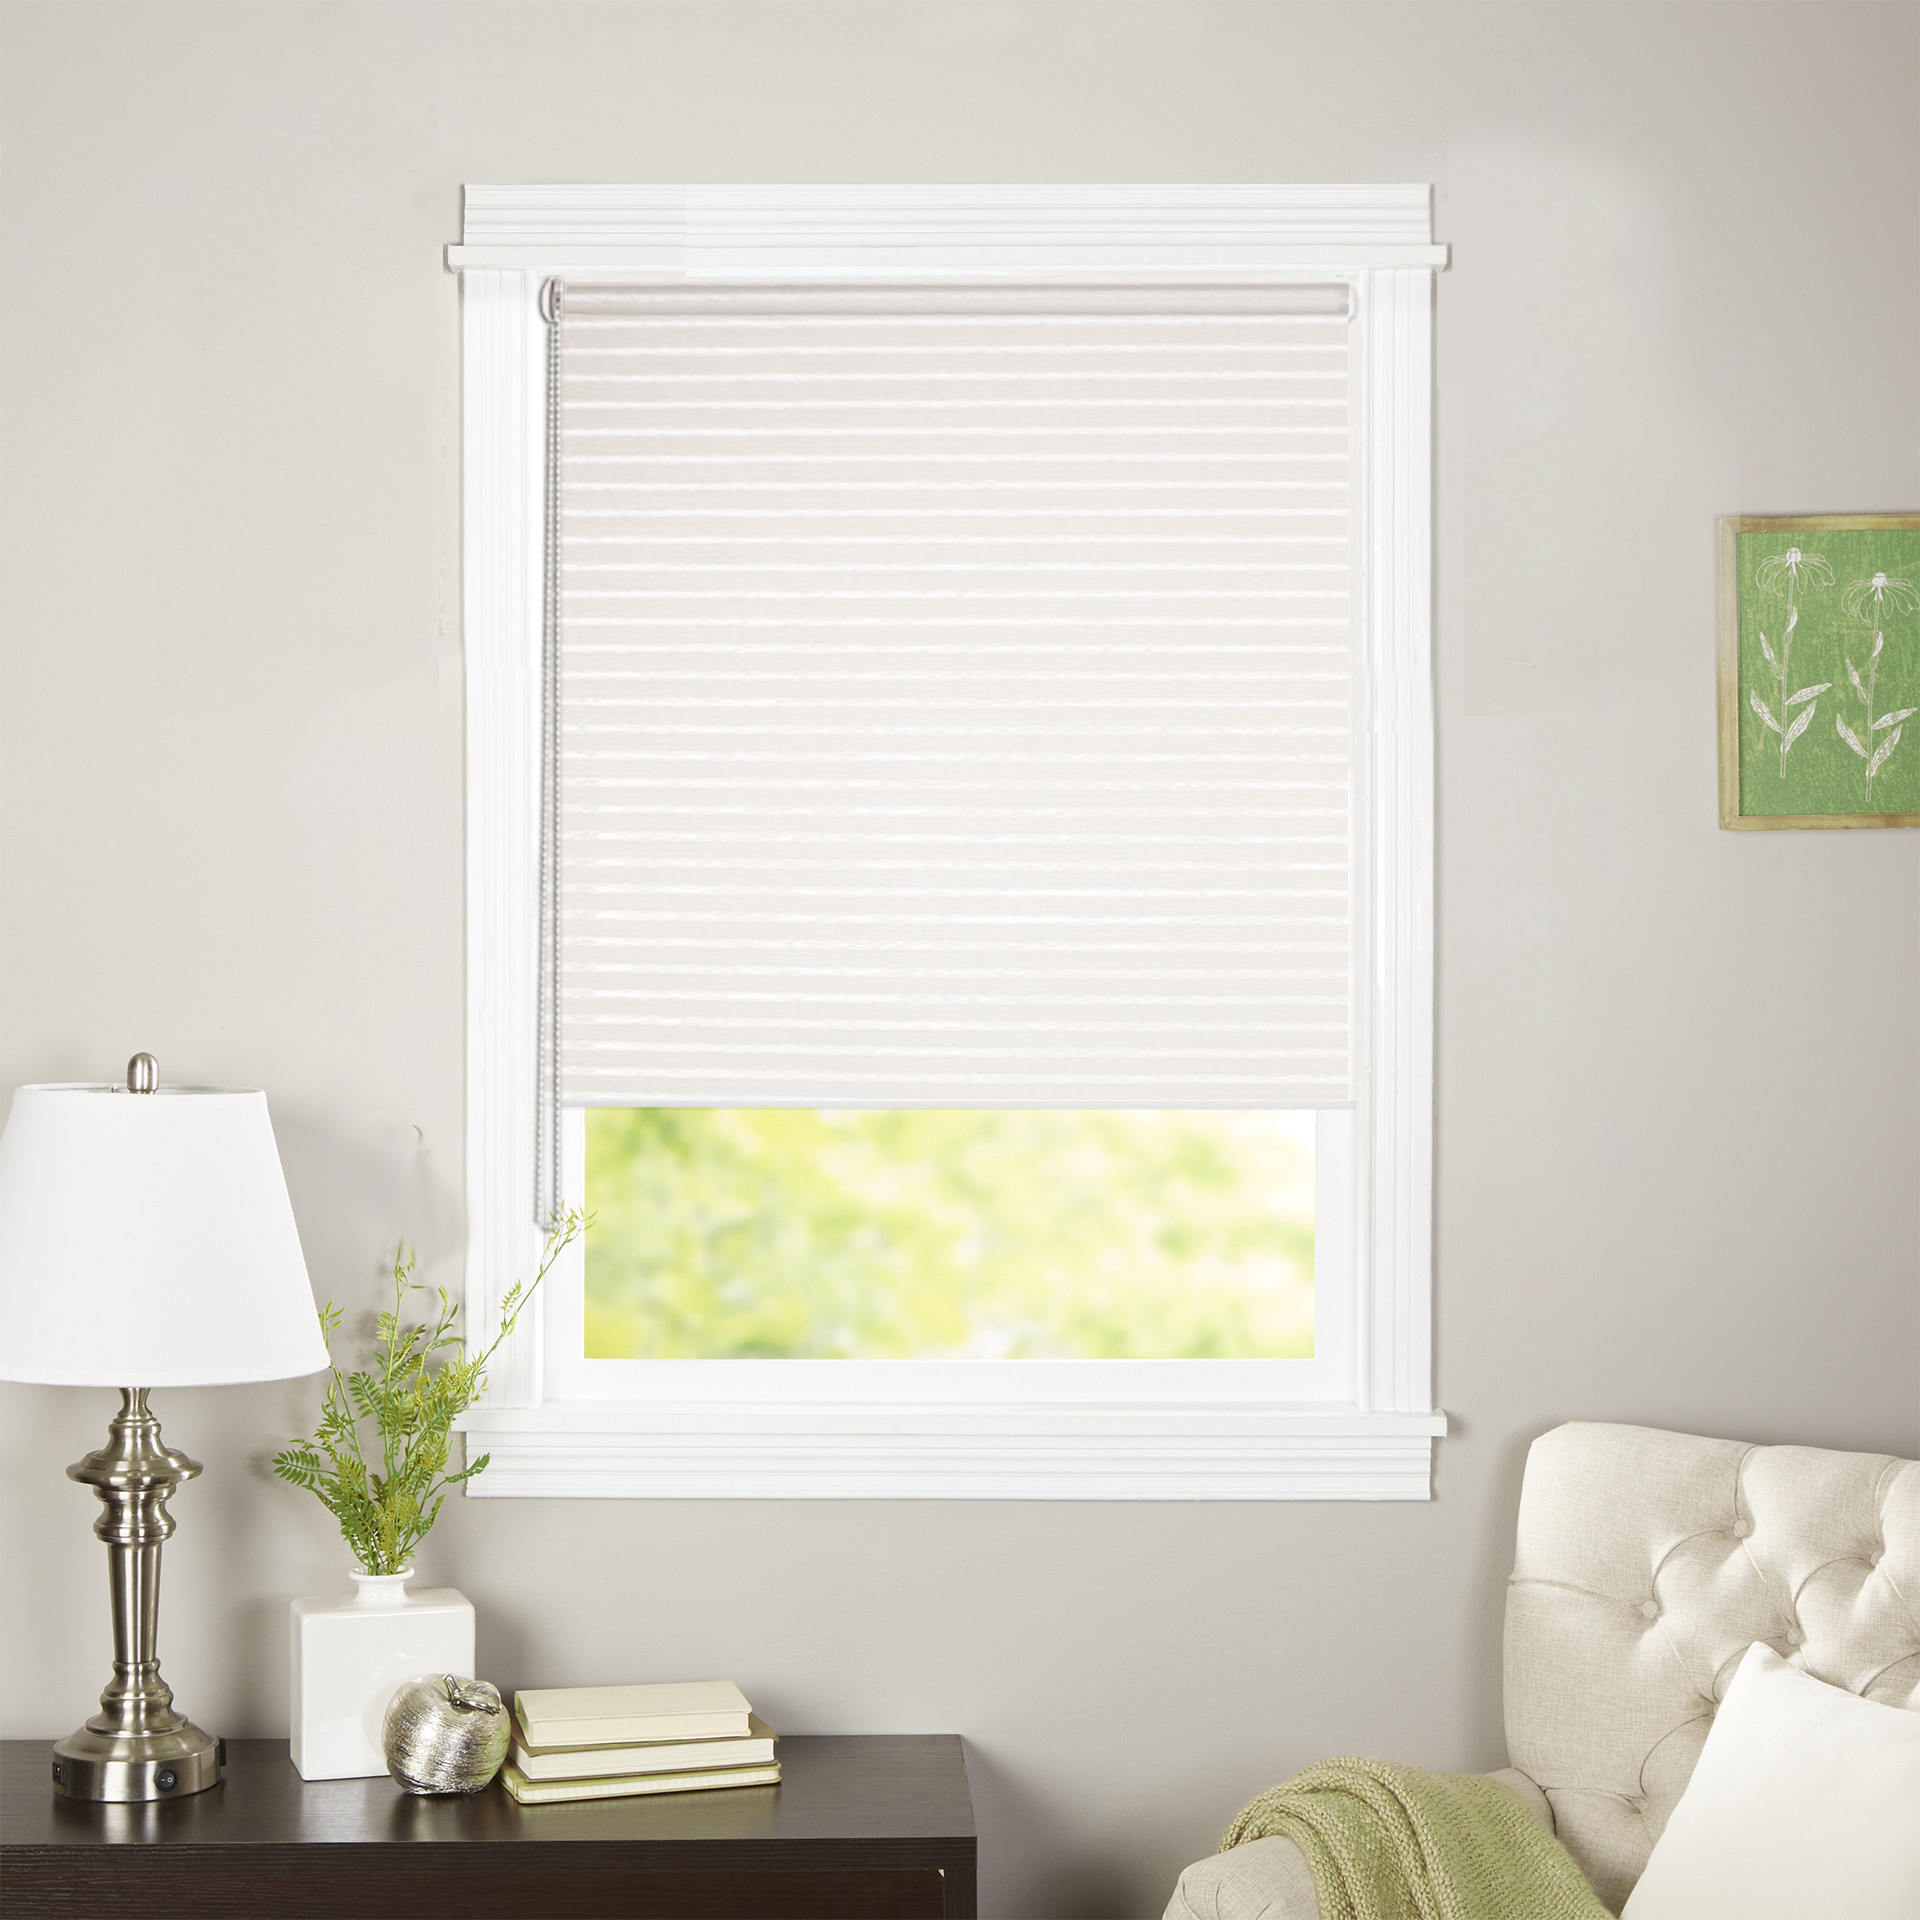 Штора рулонная Эскар Райли, цвет: белый, ширина 98 см, высота 160 см38050098160Рулонными шторами можно оформлять окна как самостоятельно, так и использовать в комбинации с портьерами. Это поможет предотвратить выгорание дорогой ткани на солнце и соединит функционал рулонных с красотой навесных. Преимущества применения рулонных штор для пластиковых окон: - имеют прекрасный внешний вид: многообразие и фактурность материала изделия отлично смотрятся в любом интерьере;- многофункциональны: есть возможность подобрать шторы способные эффективно защитить комнату от солнца, при этом она не будет слишком темной. - Есть возможность осуществить быстрый монтаж.ВНИМАНИЕ! Размеры ширины изделия указаны по ширине ткани! Во время эксплуатации не рекомендуется полностью разматывать рулон, чтобы не оторвать ткань от намоточного вала. В случае загрязнения поверхности ткани, чистку шторы проводят одним из способов, в зависимости от типа загрязнения:- легкое поверхностное загрязнение можно удалить при помощи канцелярского ластика;- чистка от пыли производится сухим методом при помощи пылесоса с мягкой щеткой-насадкой;- для удаления пятна используйте мягкую губку с пенообразующим неагрессивным моющим средством или пятновыводитель на натуральной основе (нельзя применять растворители).